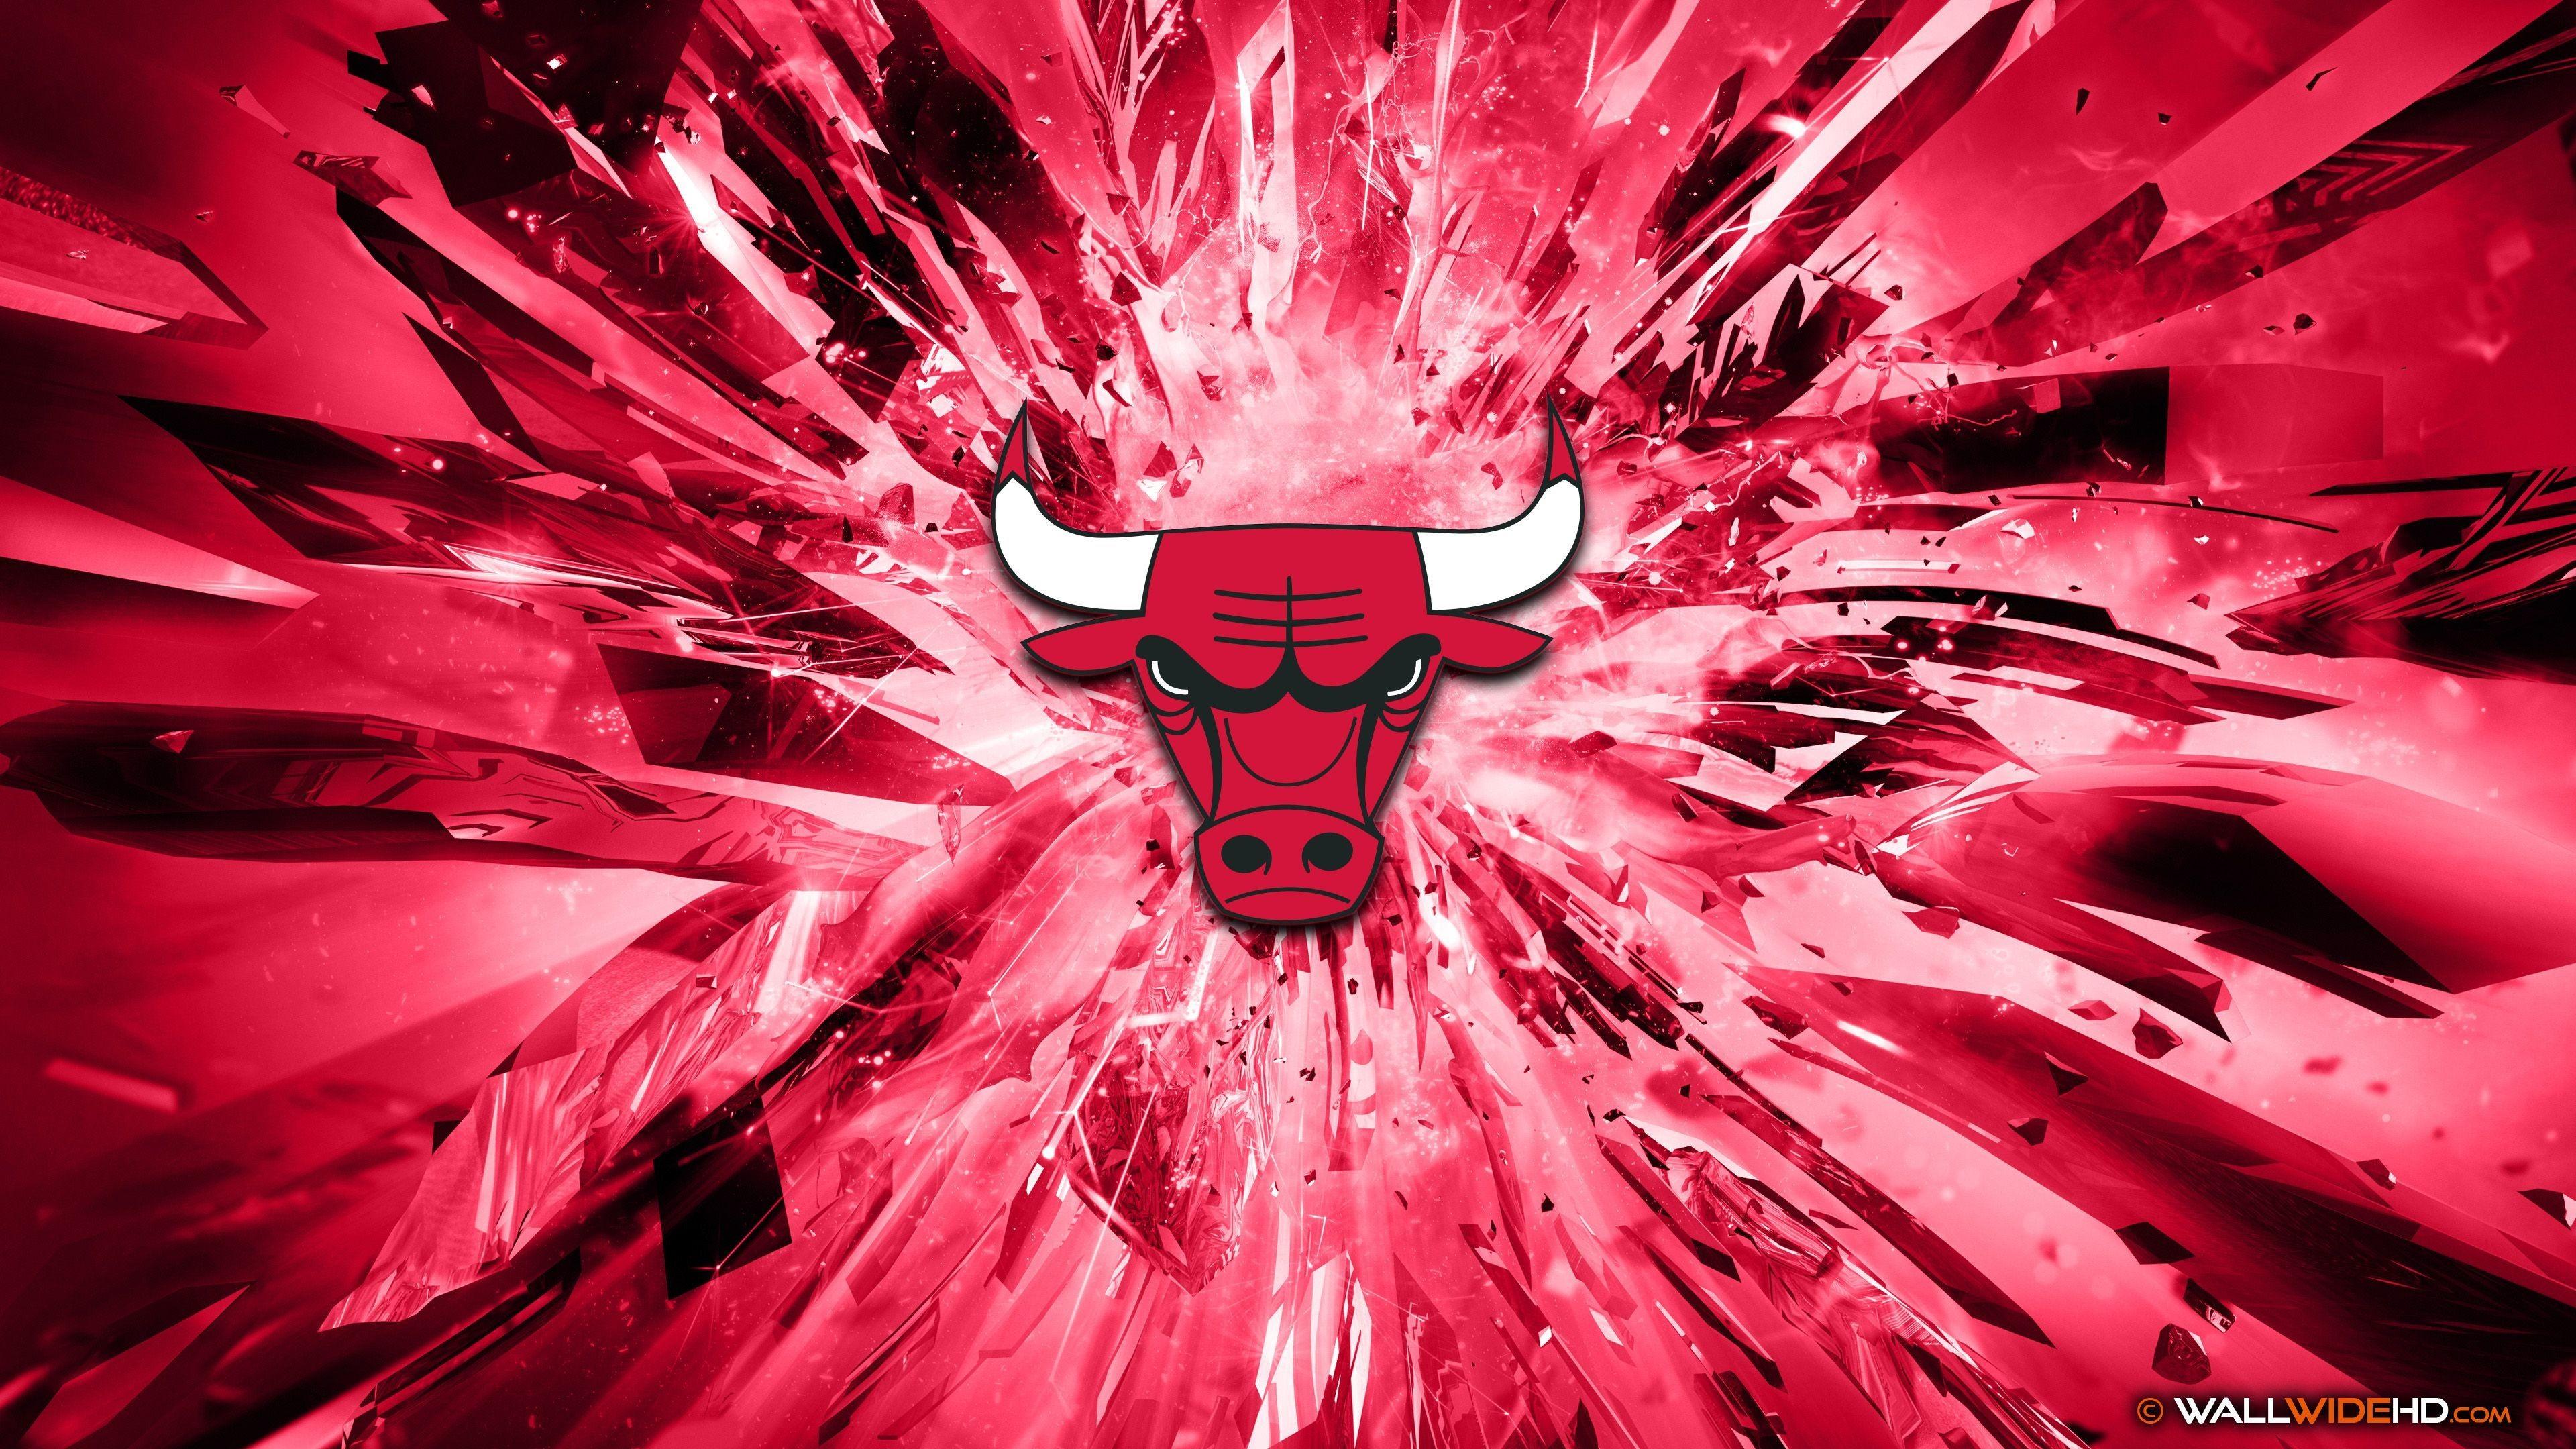 Chicago Bulls 2015 Logo 4K Wallpaper